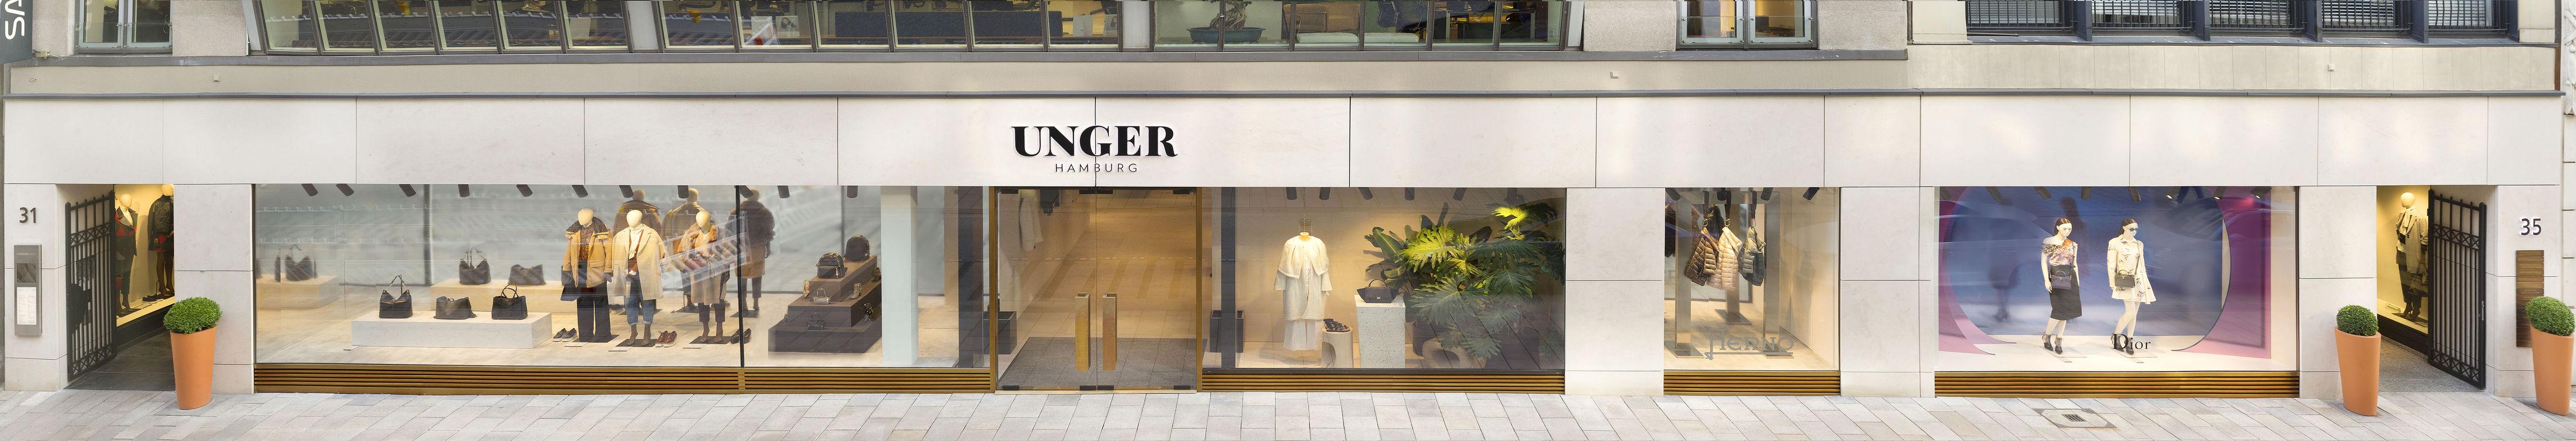 UNGER in Hamburg (Bild 1)